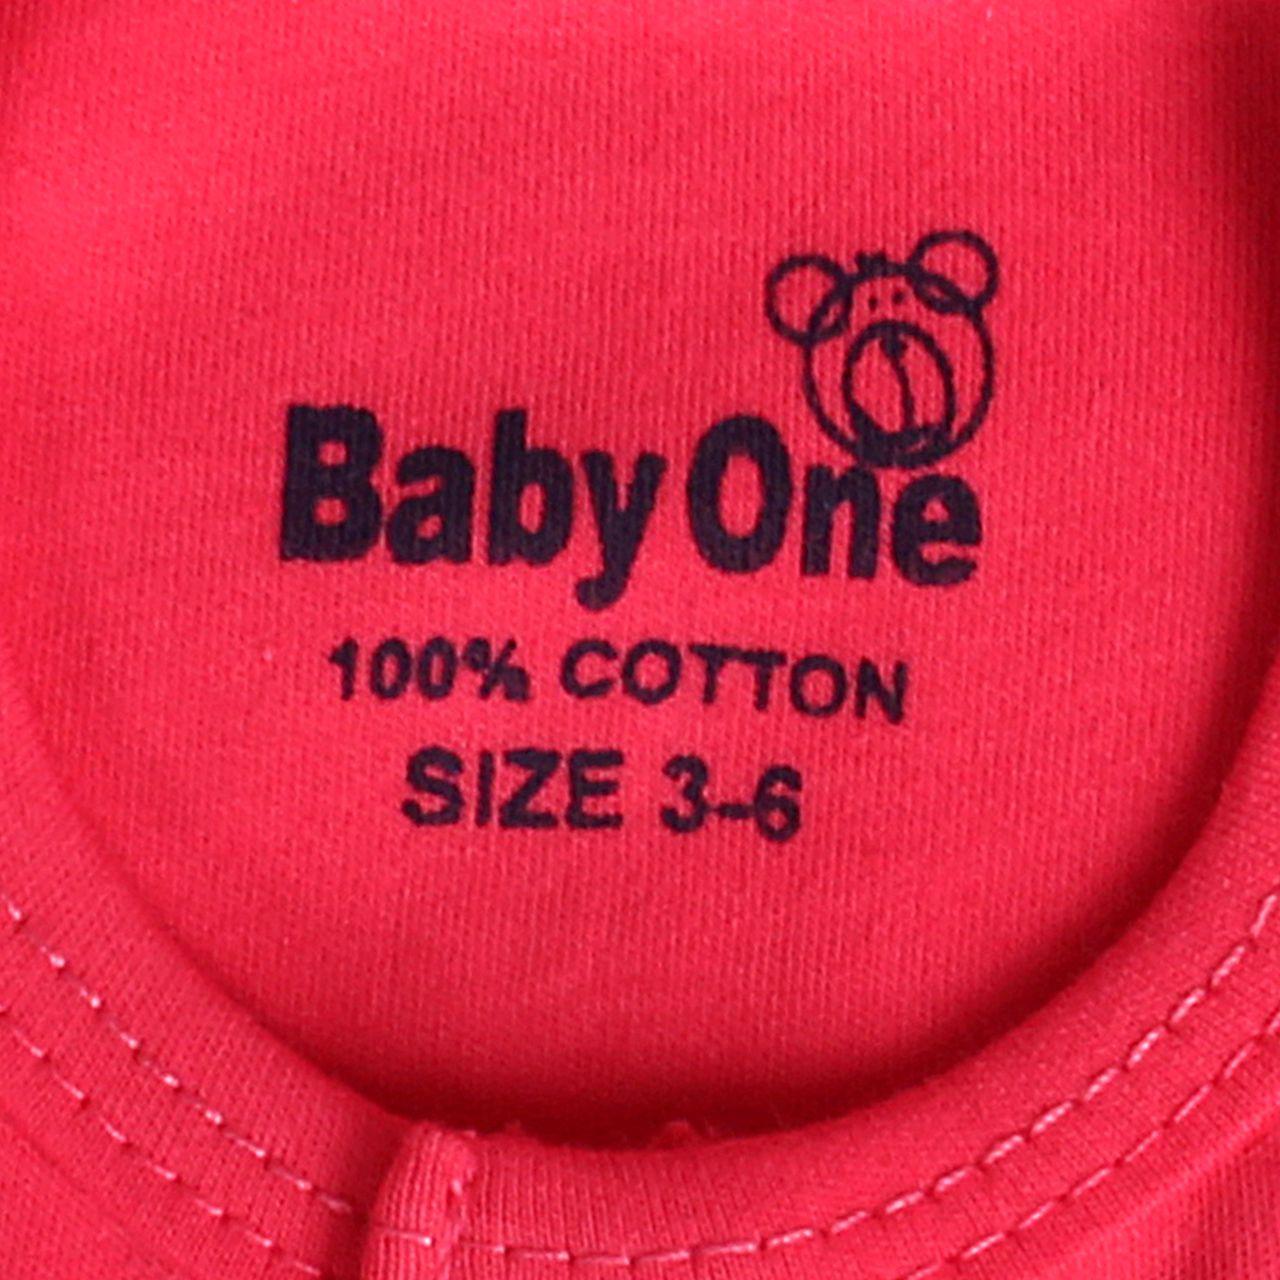 ست 3 تکه لباس نوزادی بی بی وان مدل لاک پشت کد 504 -  - 9